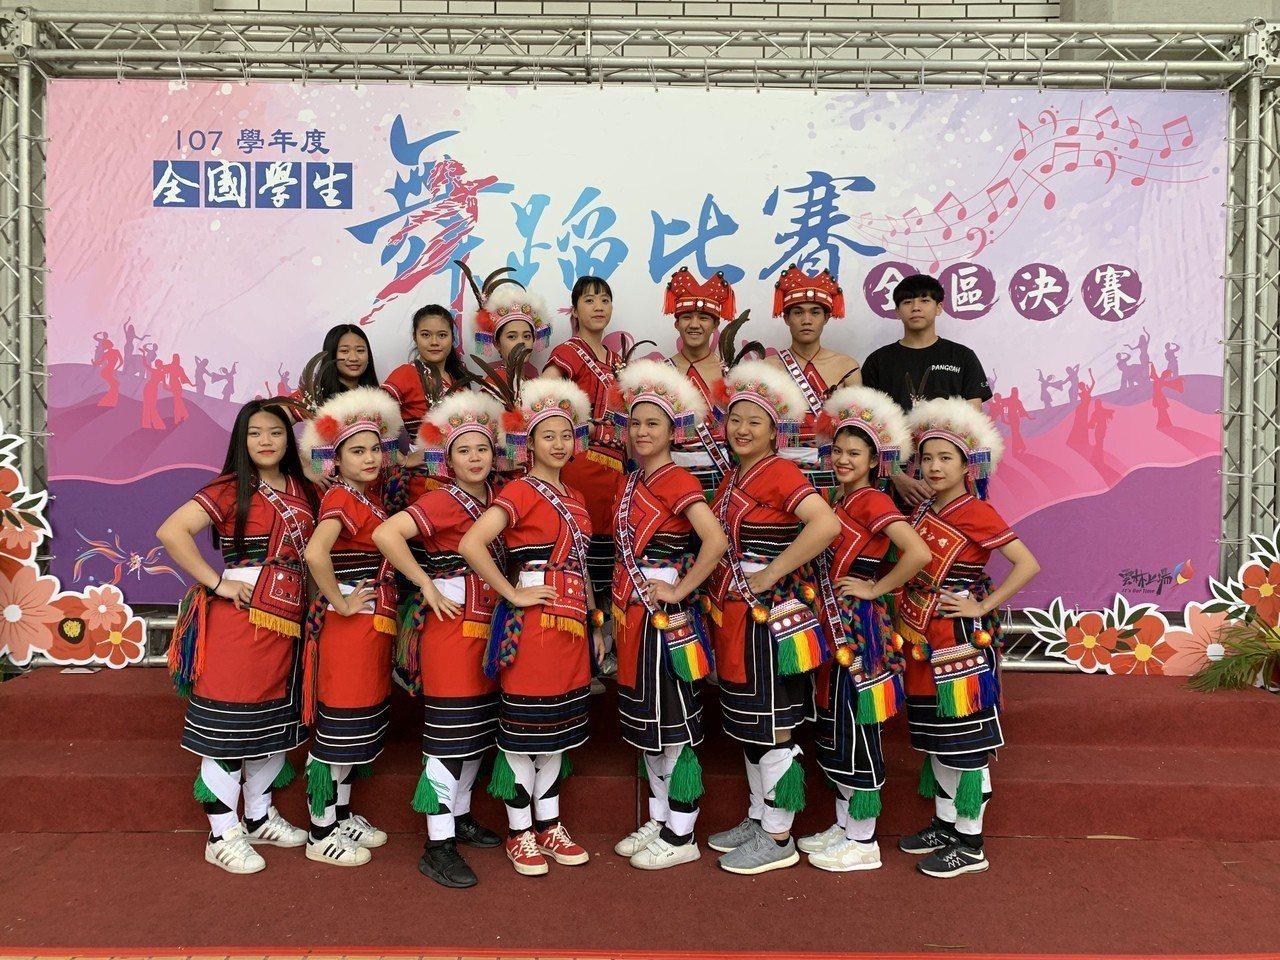 花蓮高商原舞社參加全國學生舞蹈比賽,再次獲得民俗舞丙組冠軍。圖/花蓮高商提供